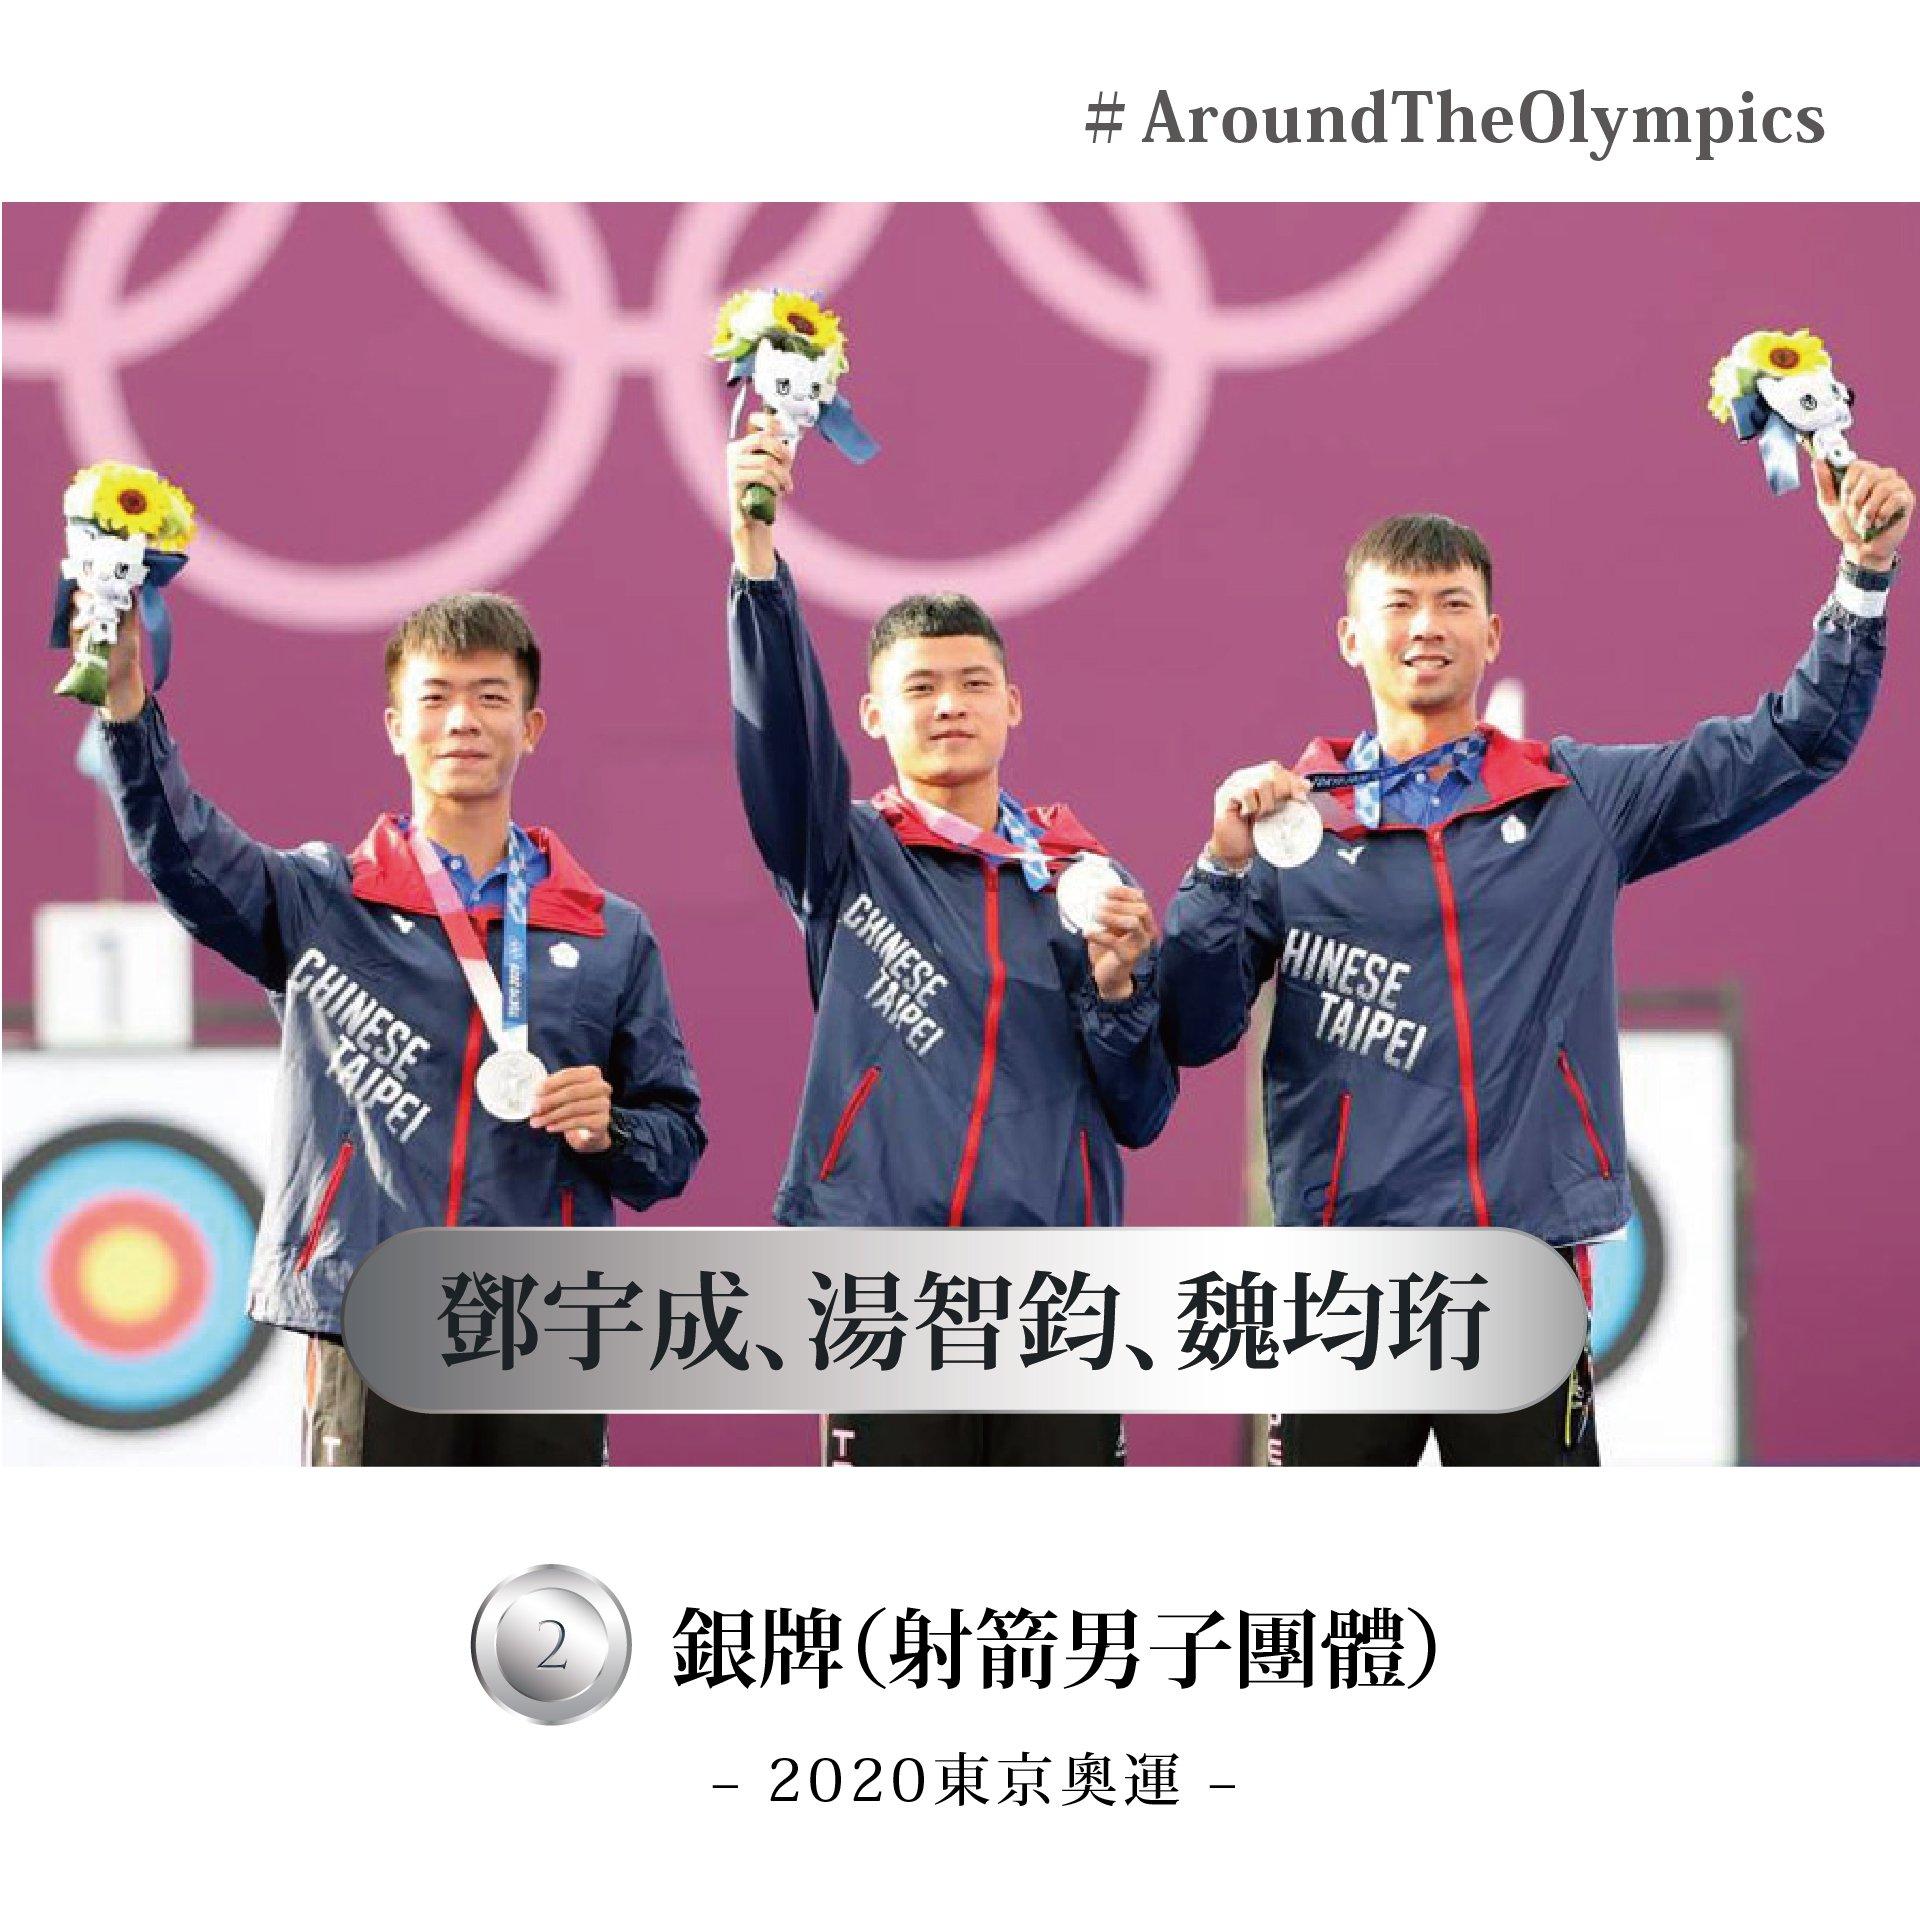 在國際舞台上嶄露頭角的群星|台灣歷屆奧運得獎選手I